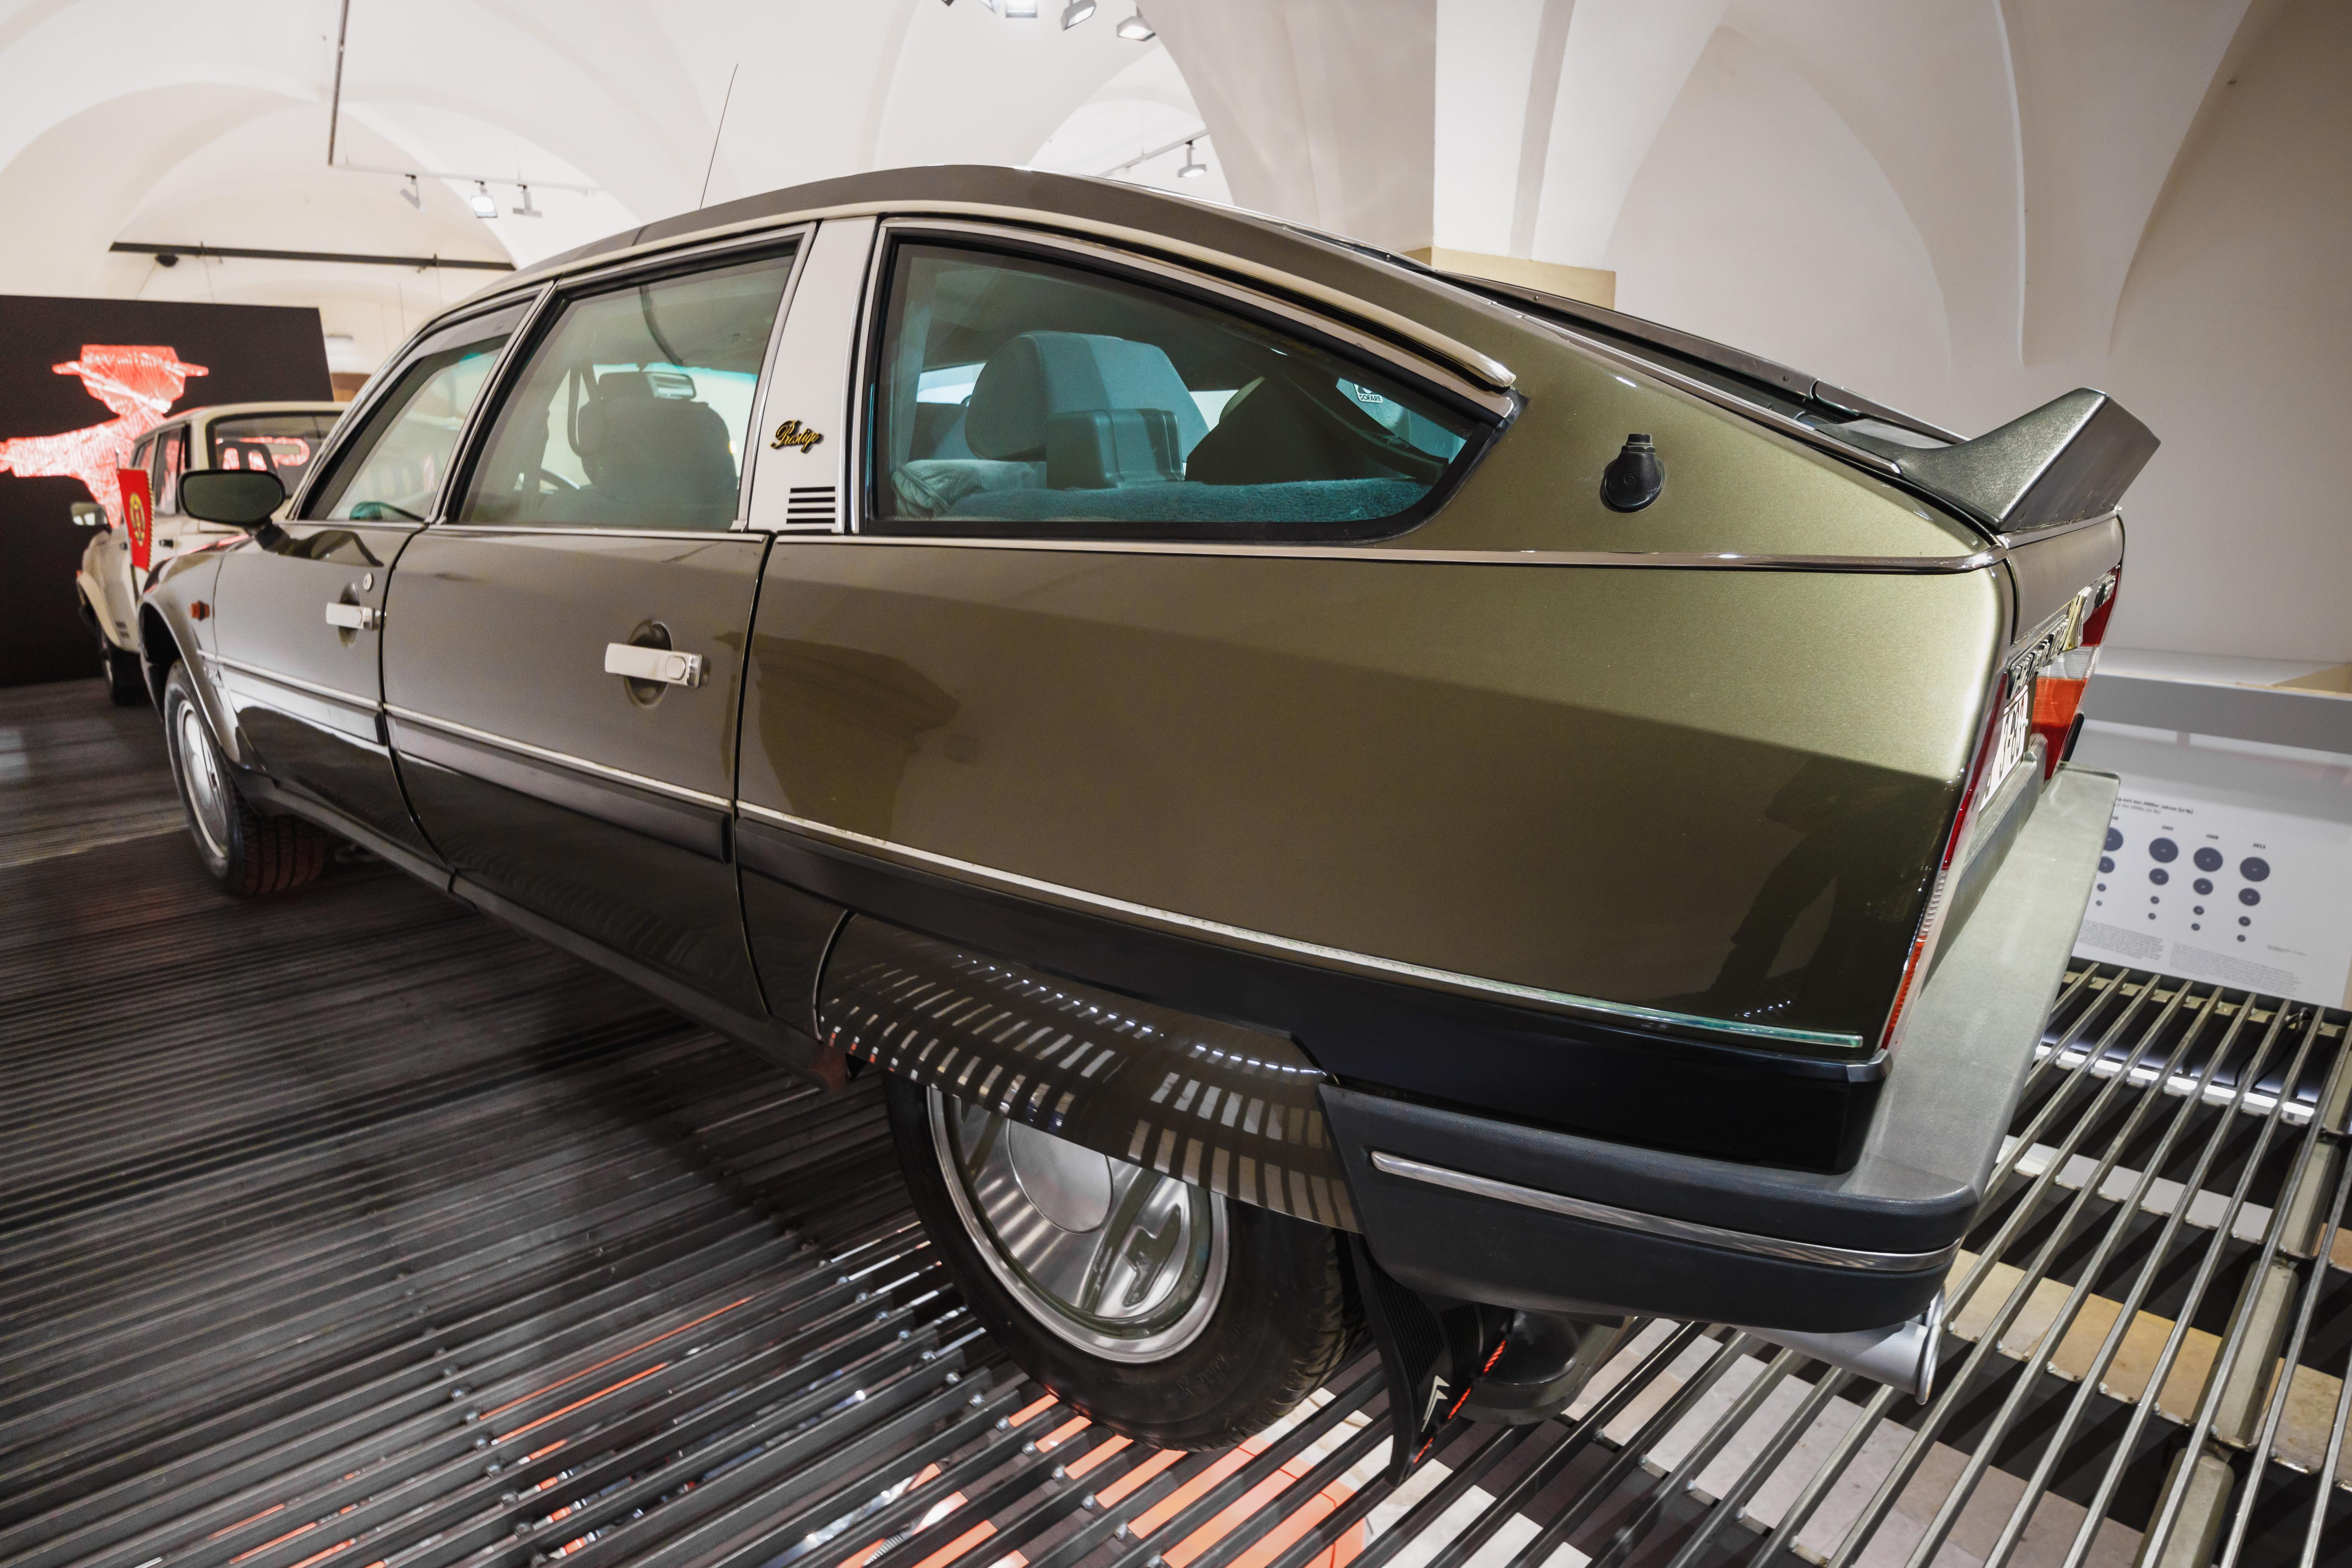 file citroen cx 25 prestige turbo 2 genutzt von erich honecker verkehrsmuseum dresden 5 jpg. Black Bedroom Furniture Sets. Home Design Ideas